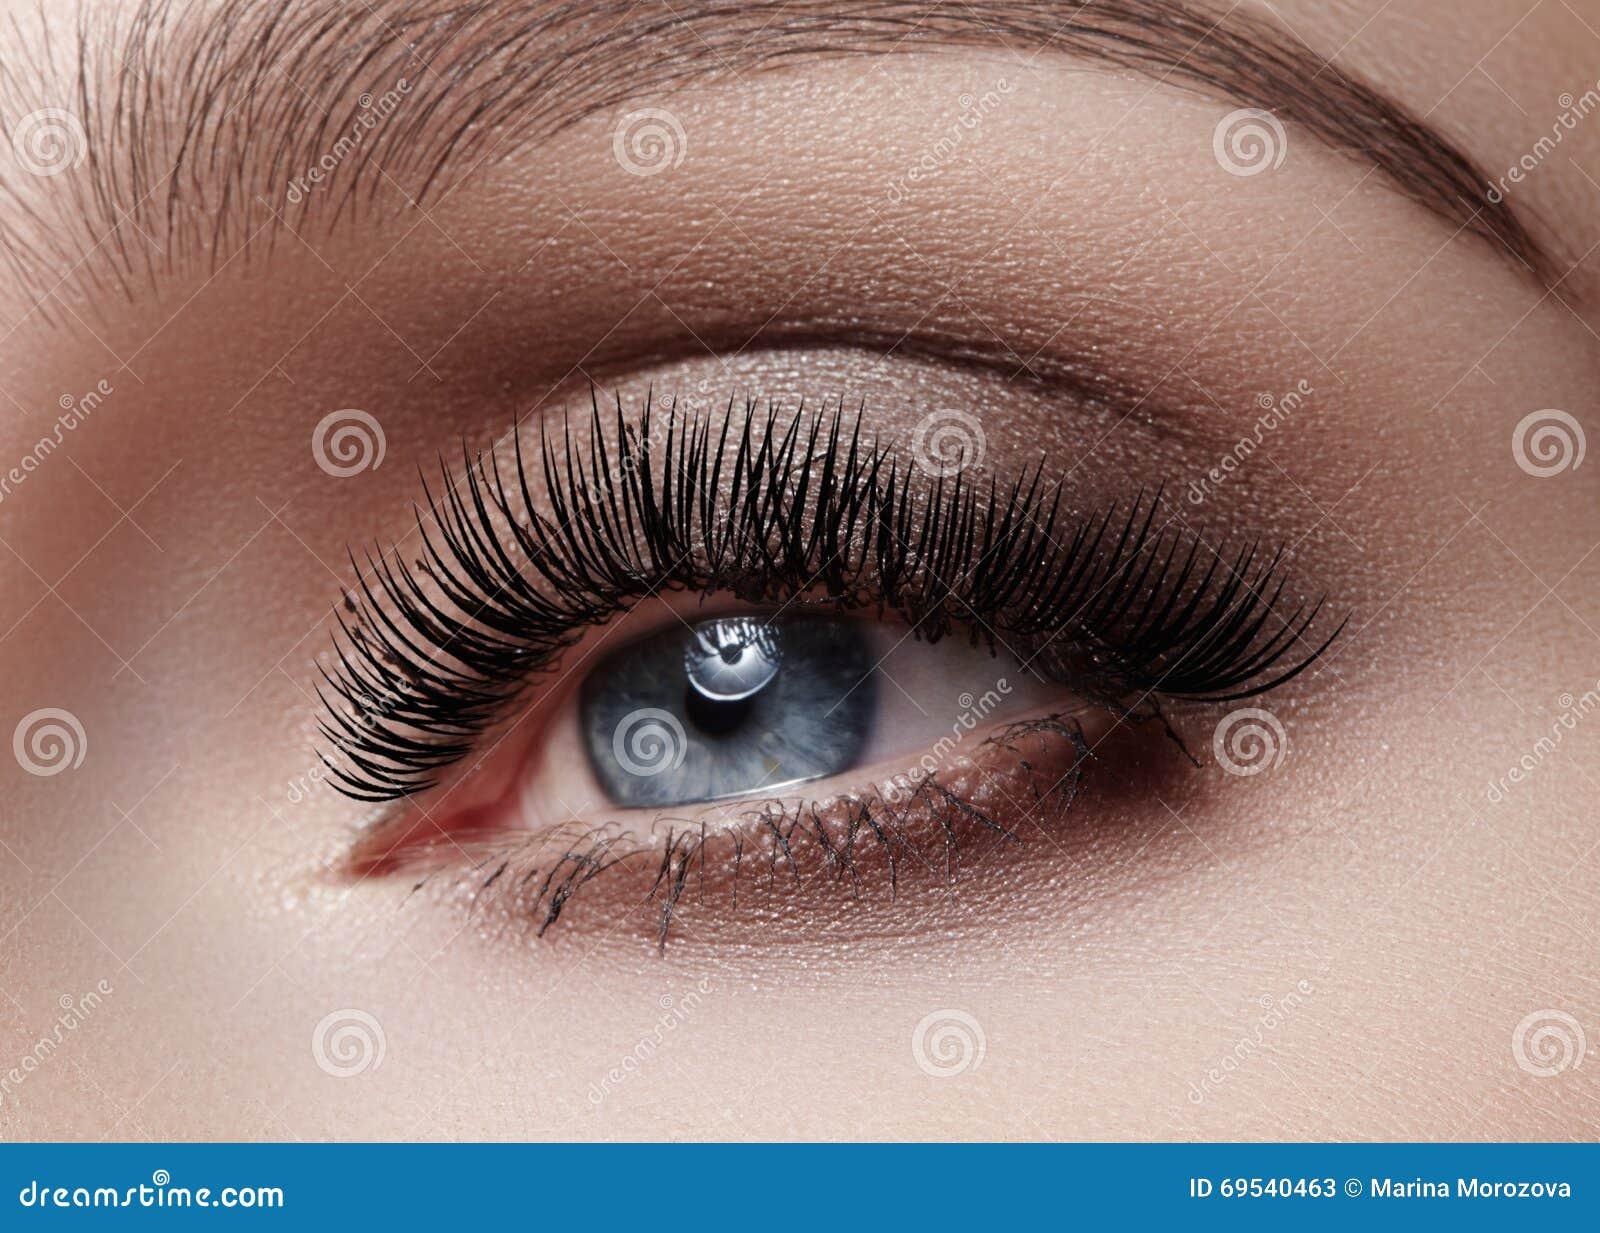 Schöner Makroschuß des weiblichen Auges mit rauchigem Make-up Perfekte Form von Augenbrauen